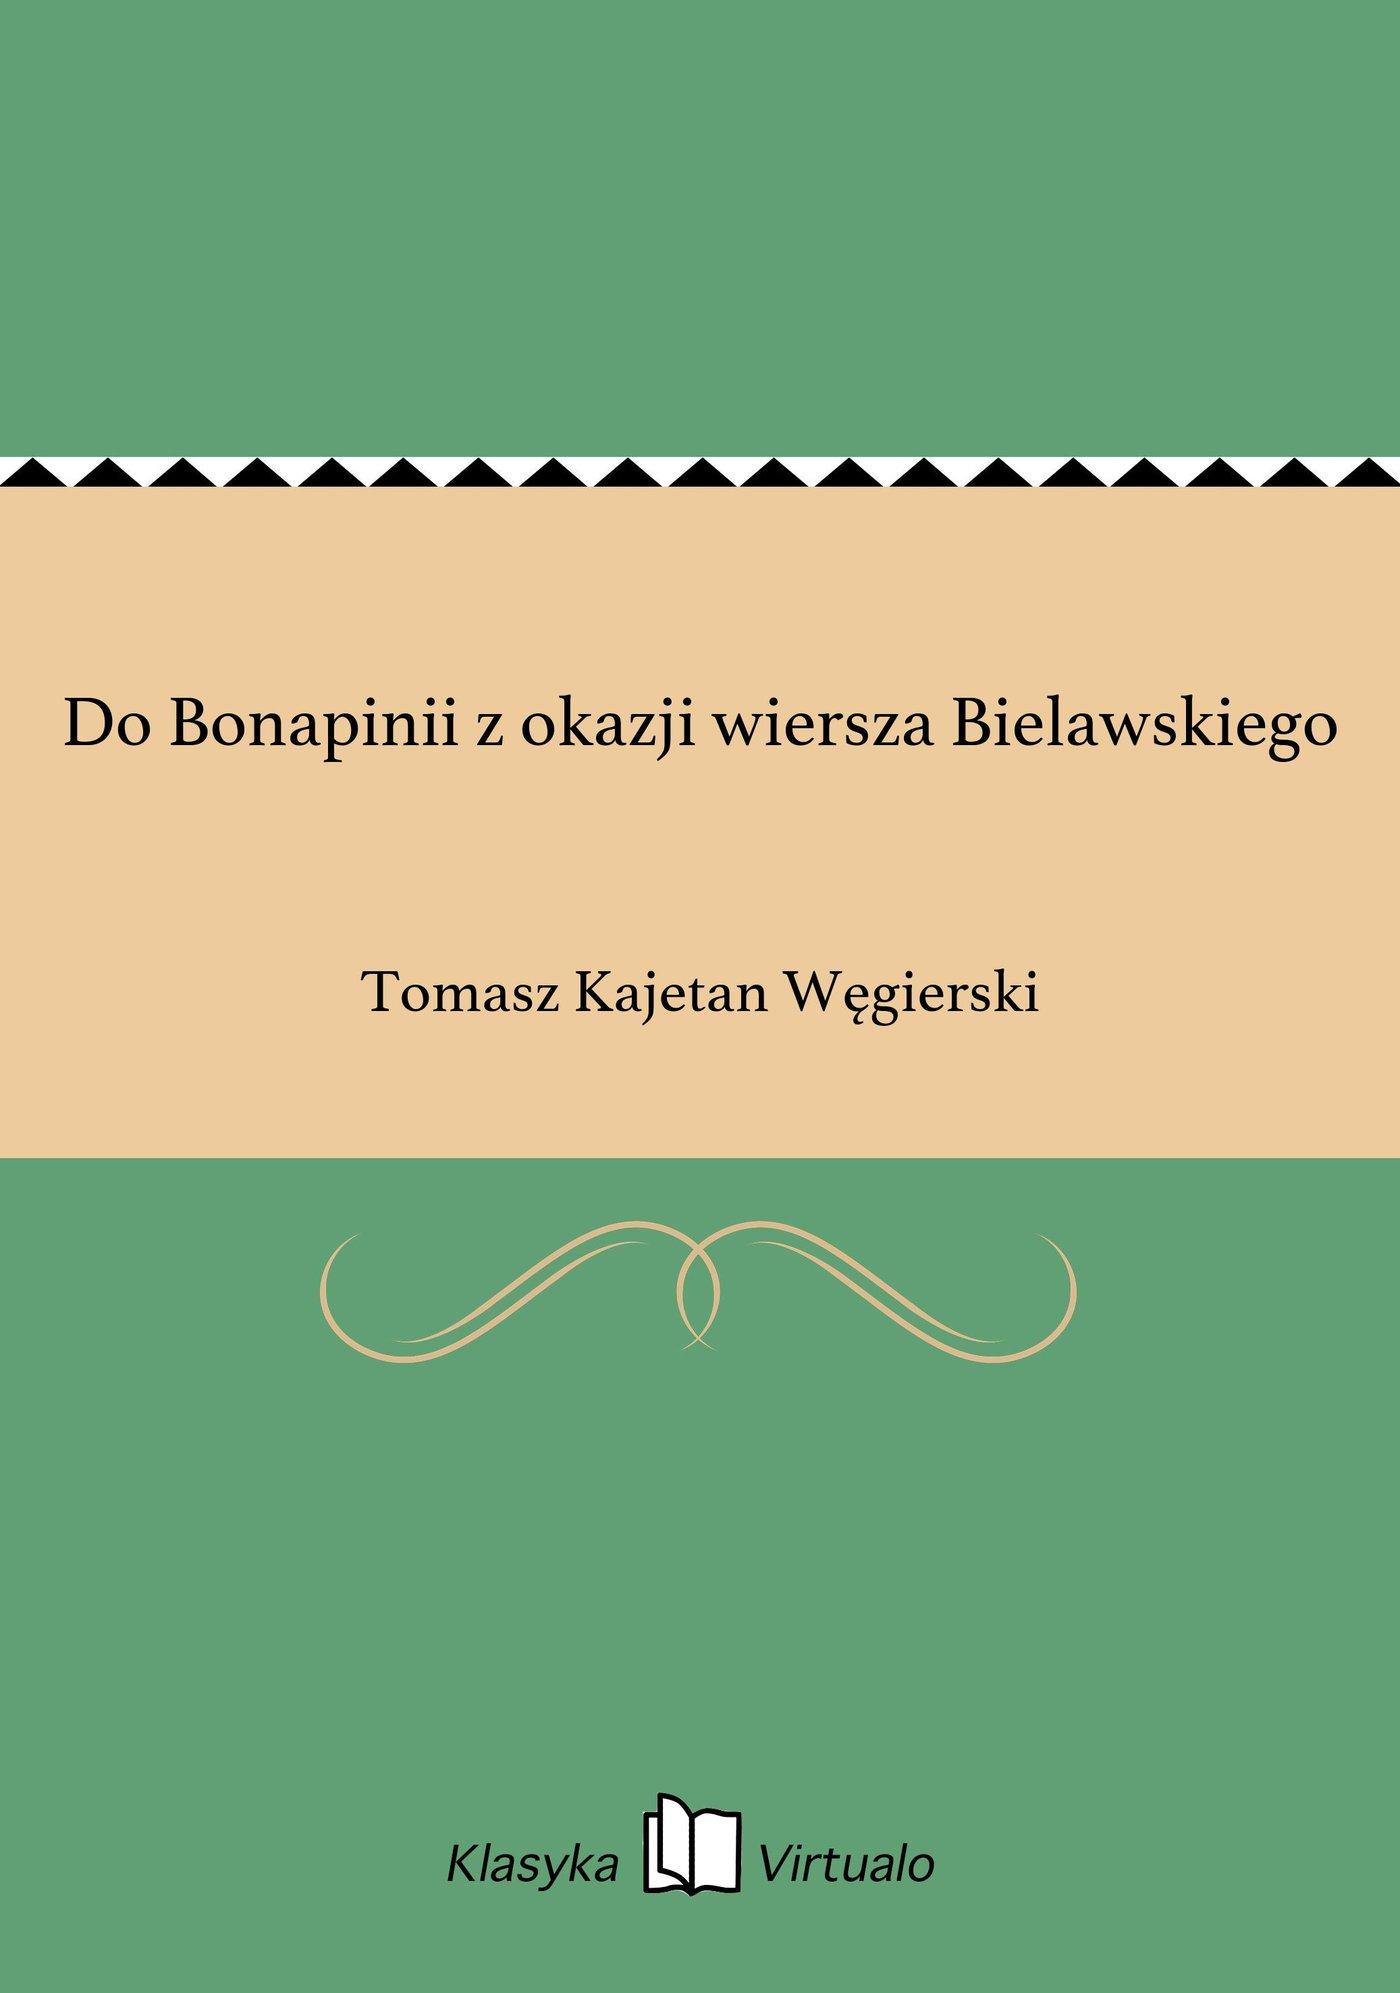 Do Bonapinii z okazji wiersza Bielawskiego - Ebook (Książka EPUB) do pobrania w formacie EPUB